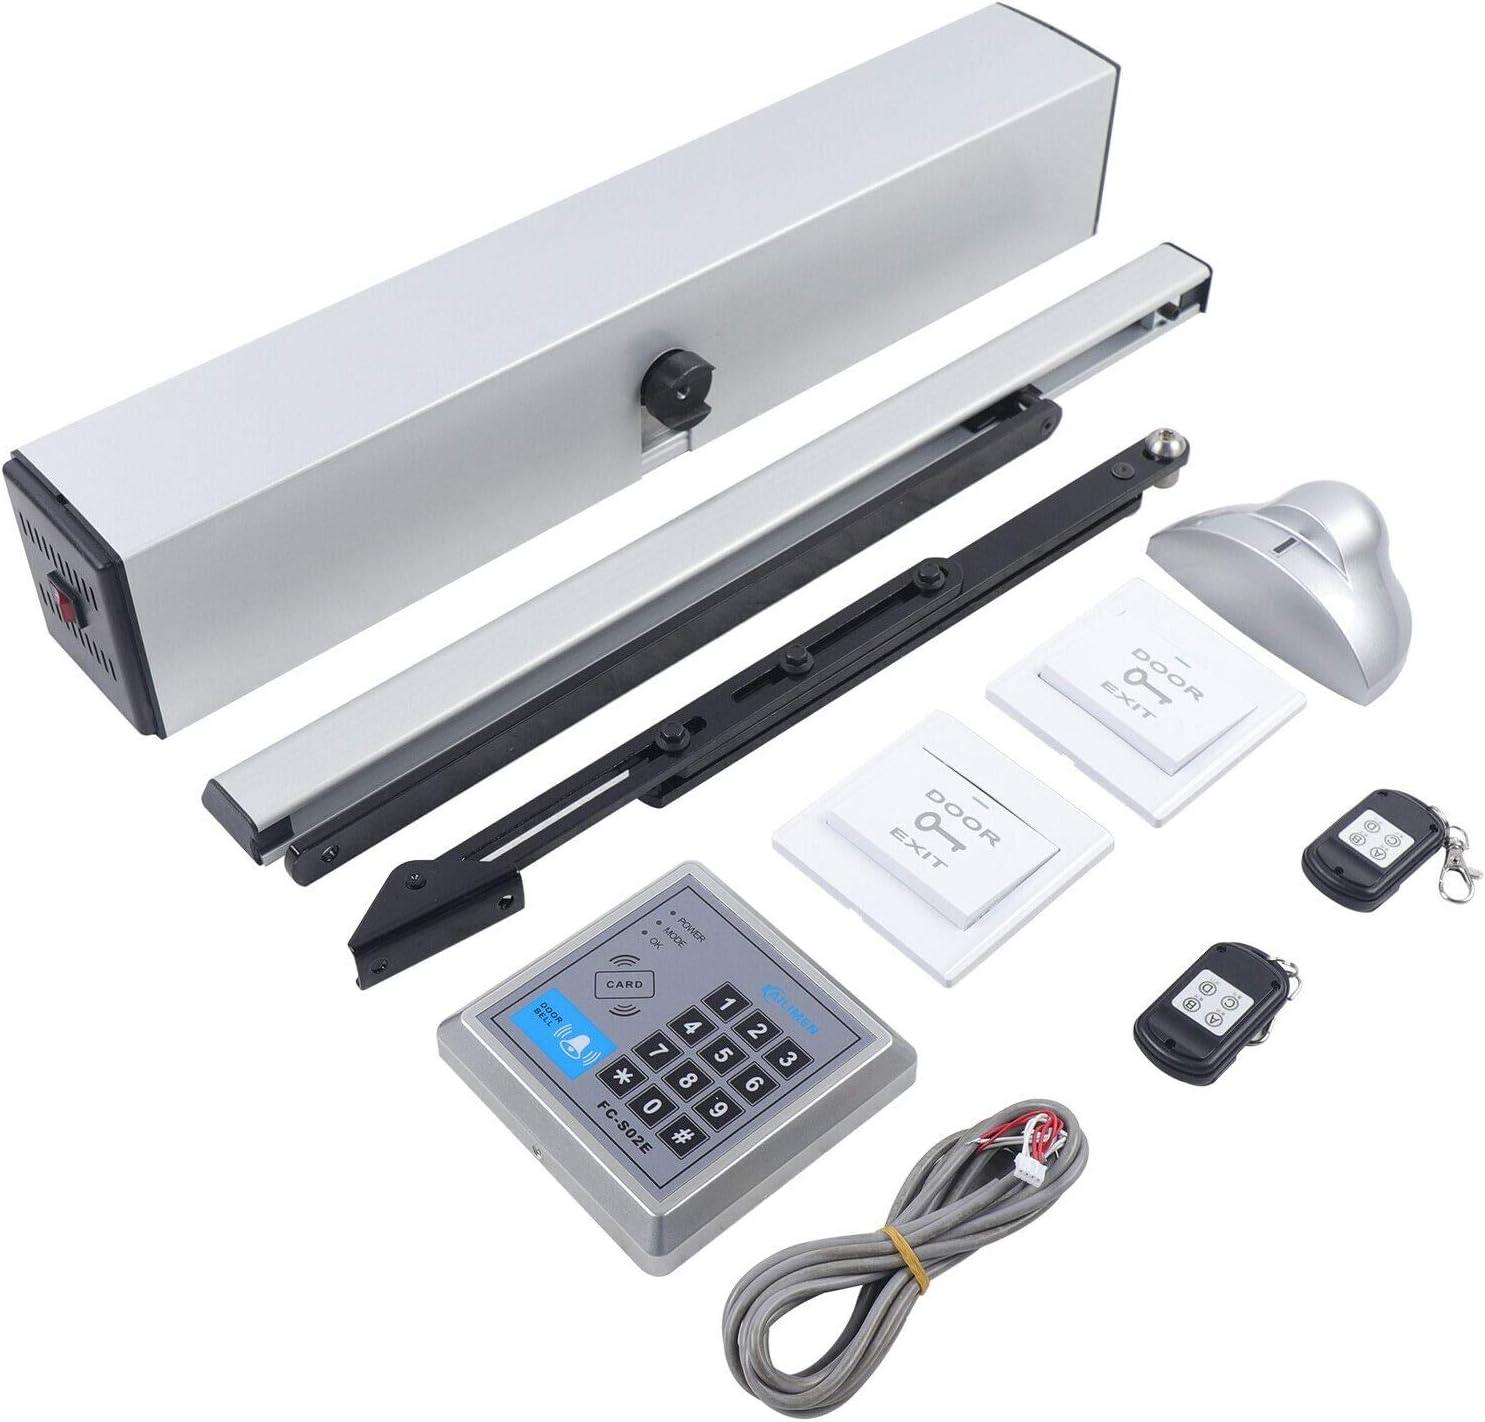 Cerradura eléctrica para puerta automática, con mando a distancia, 50 W, motor de corriente continua de 24 V